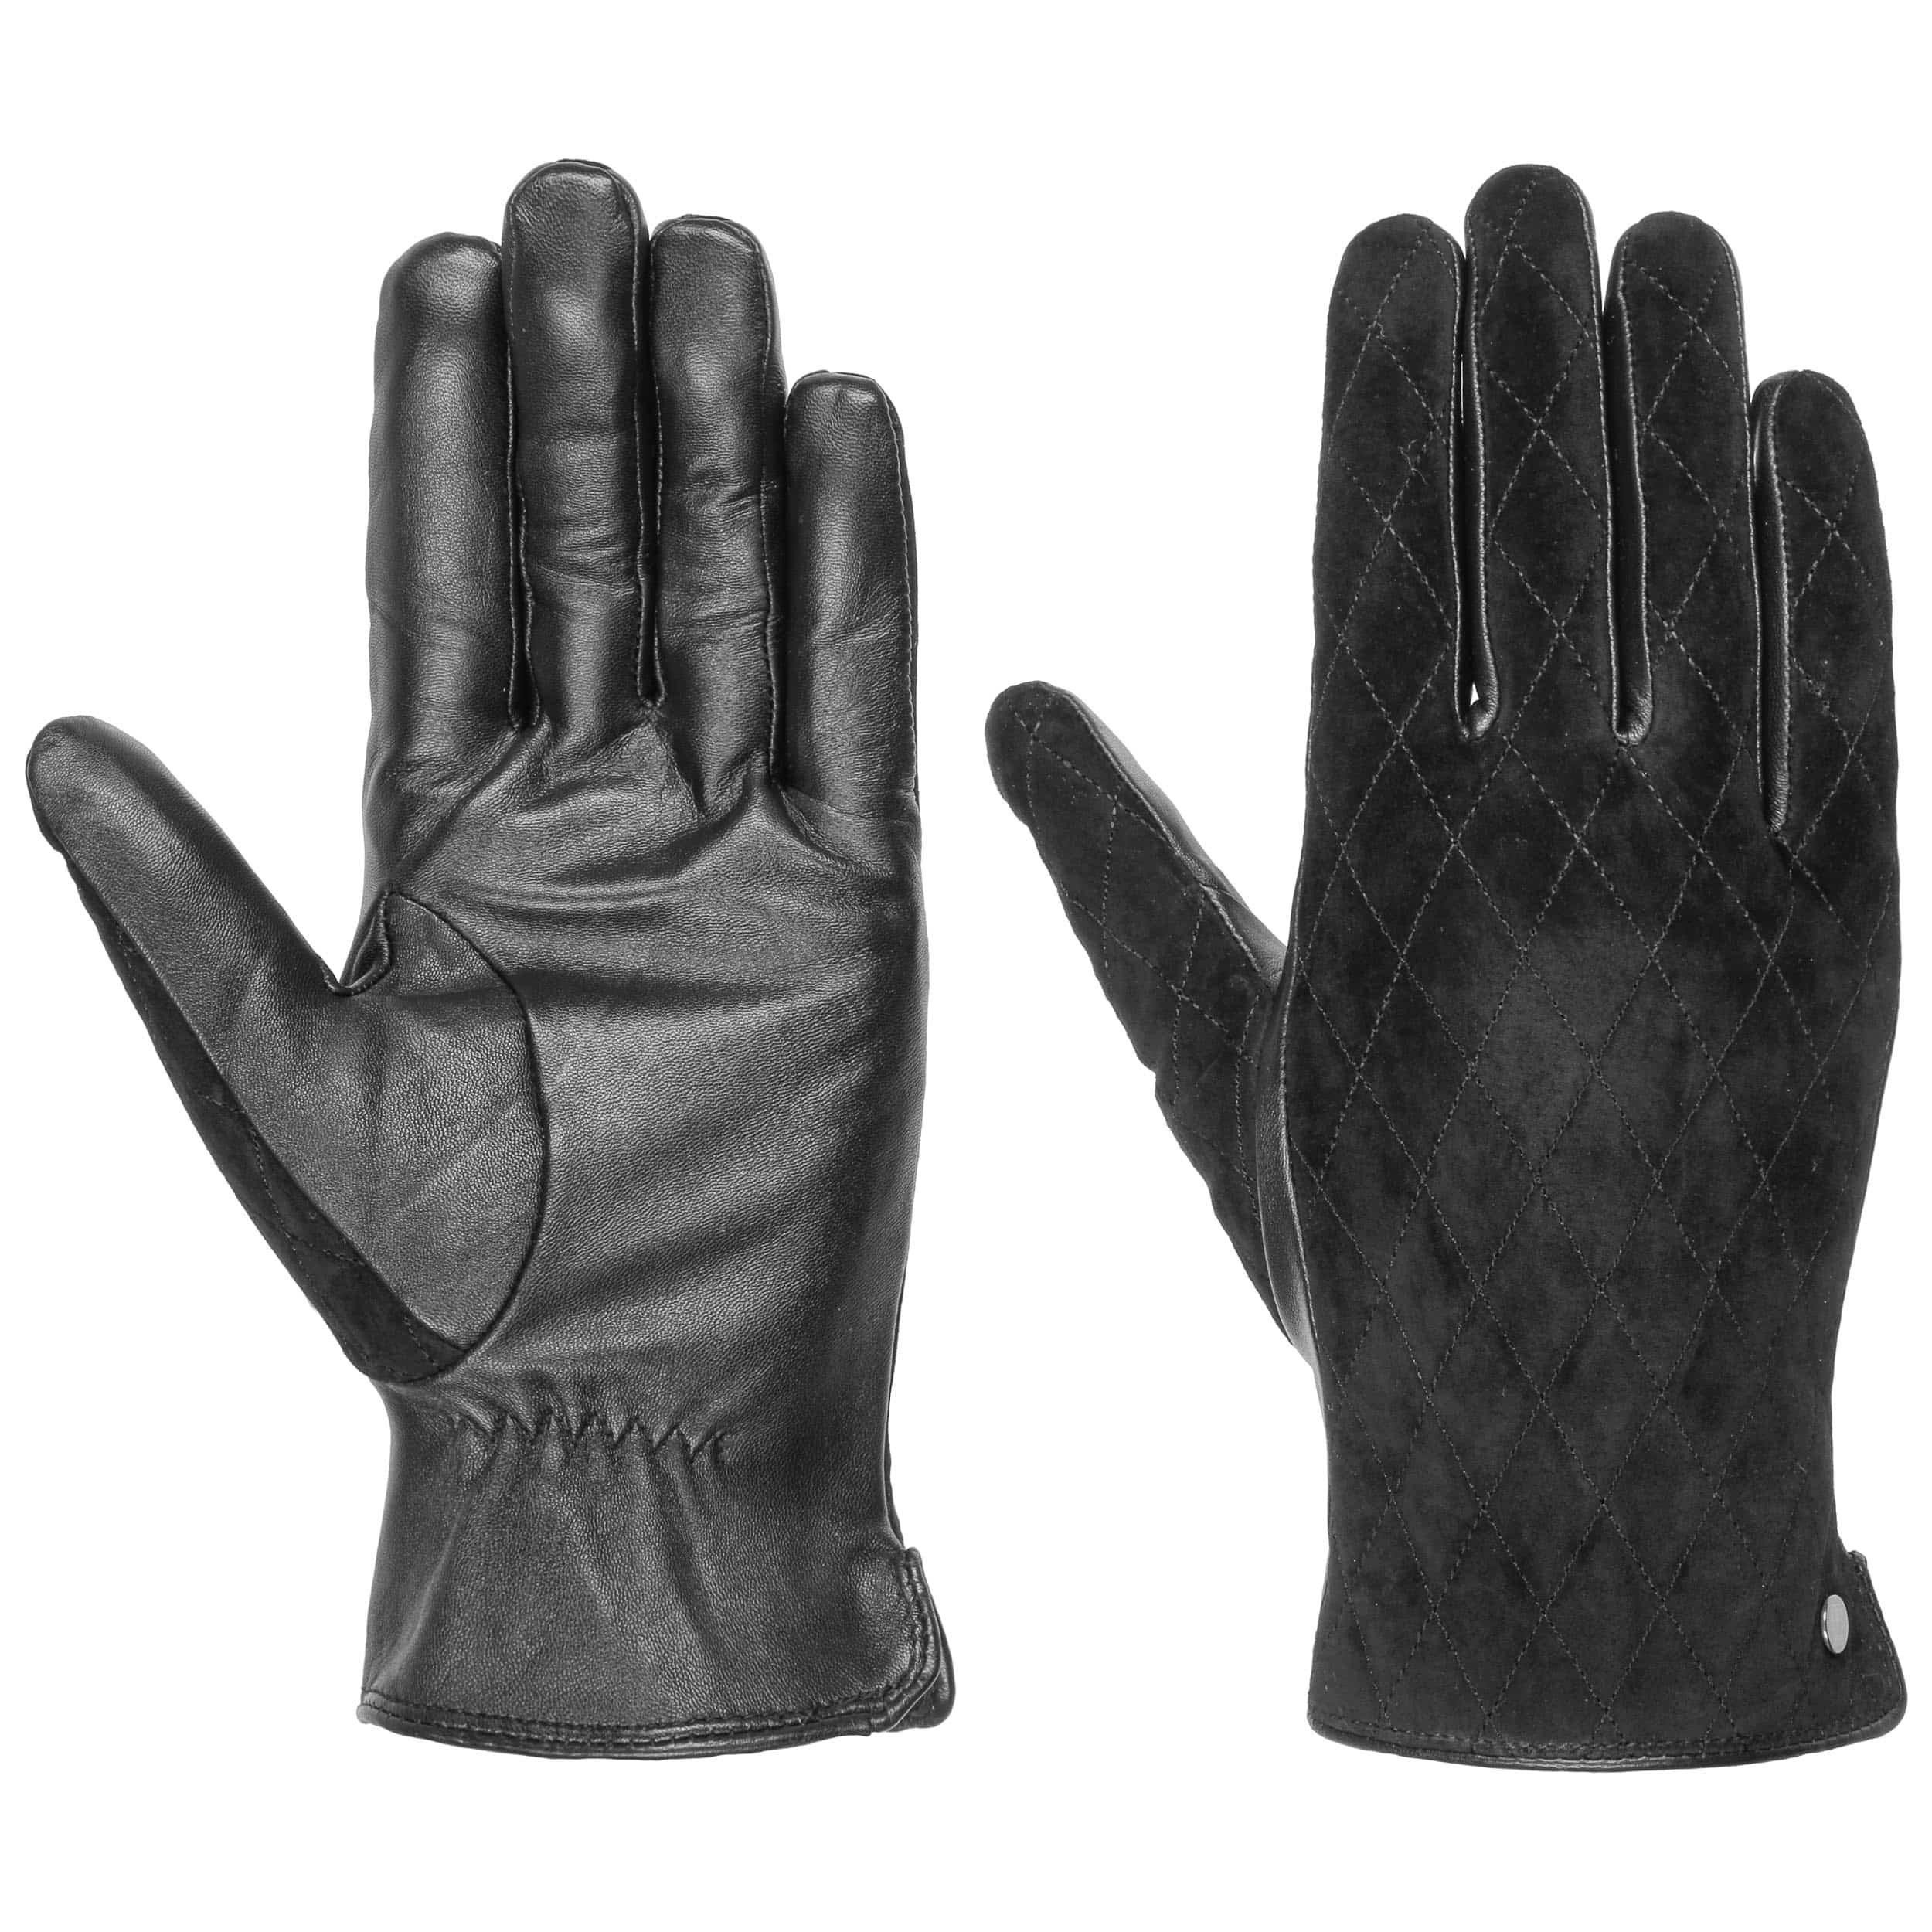 34e79a6b11fdd3 ... Quilted Touch Damen Lederhandschuhe by Roeckl - schwarz 4